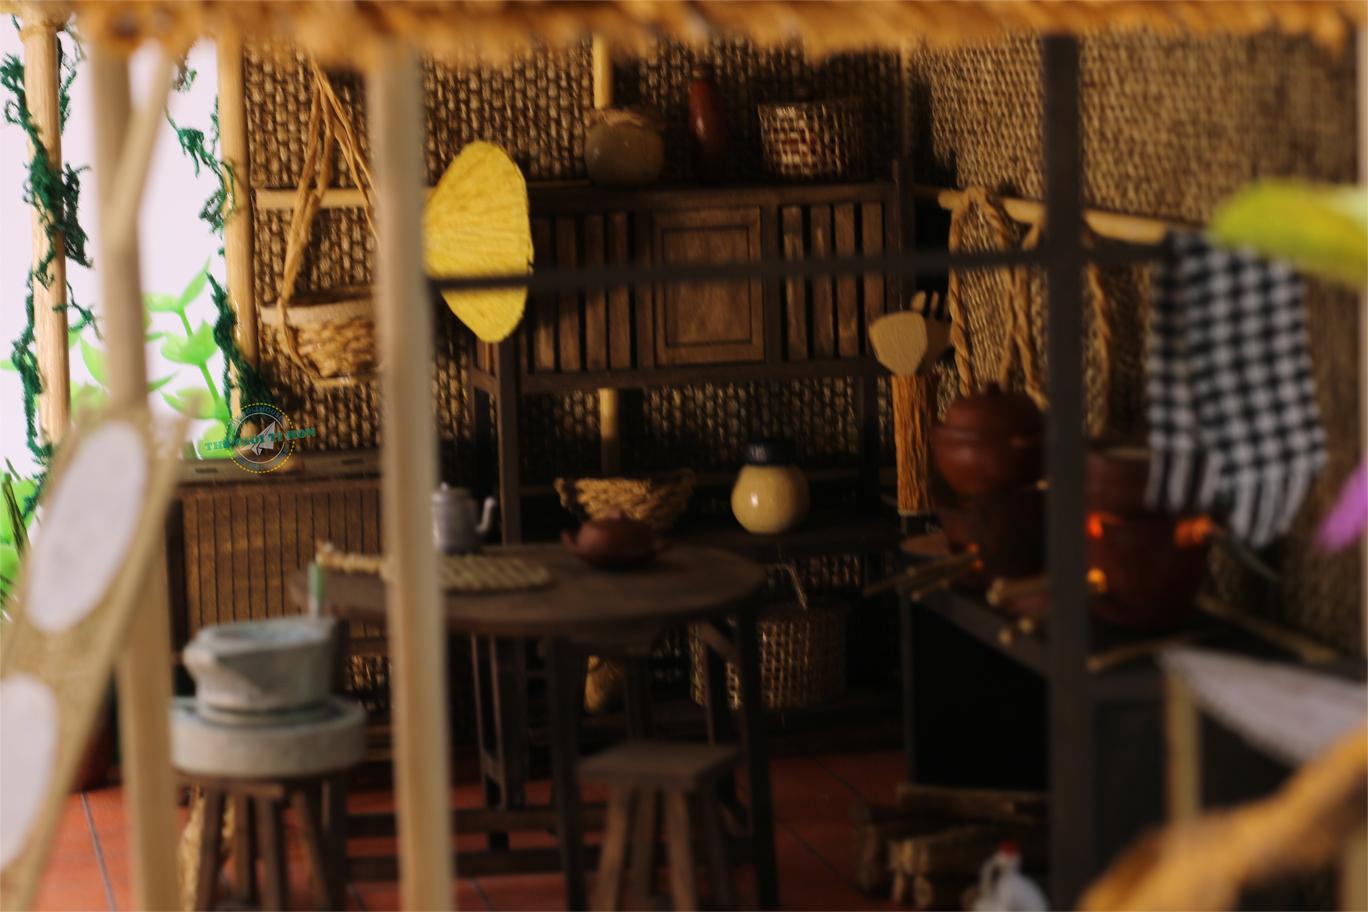 mô hình gỗ diy tí hon bếp lửa hồng miền tây nam bộ - MT01 (1)